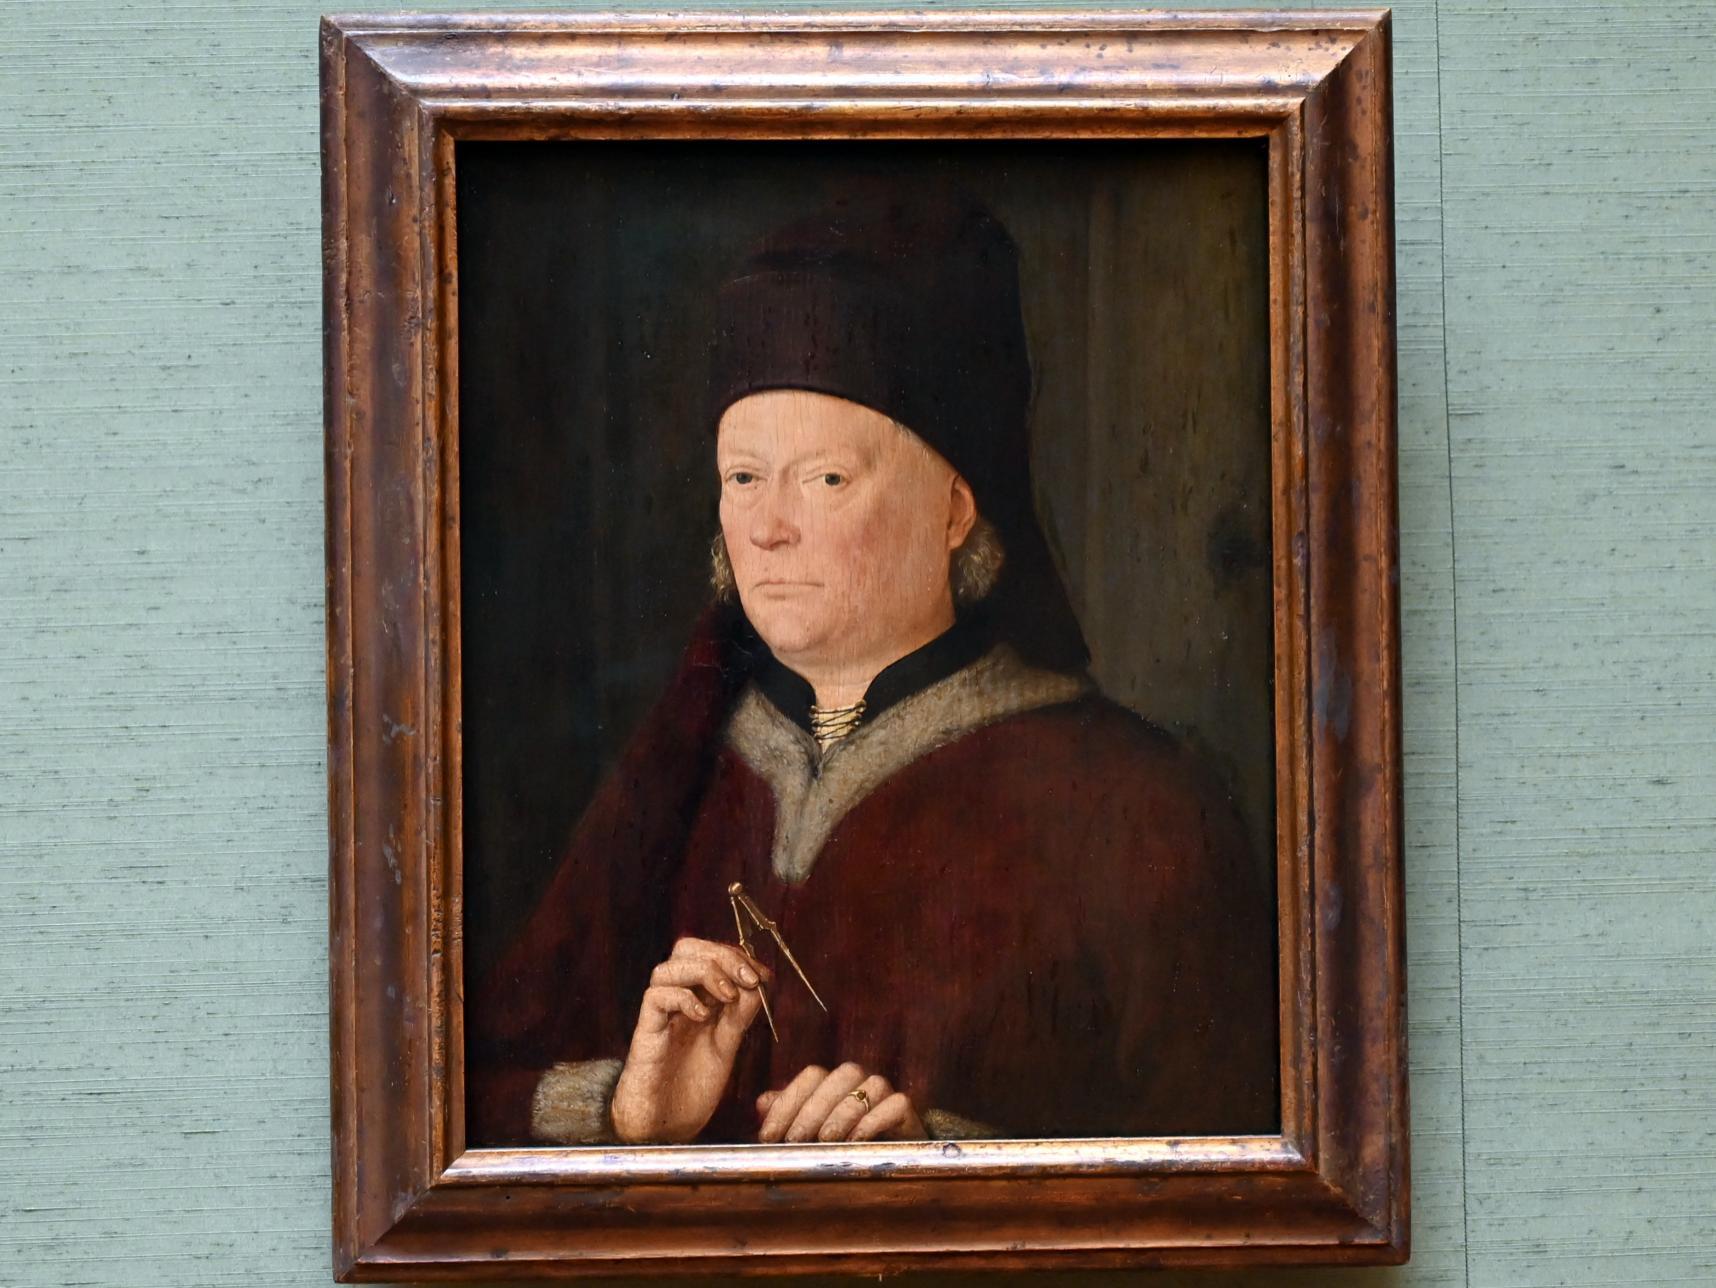 Meister des Marienlebens: Bildnis eines Baumeisters, Um 1470 - 1480